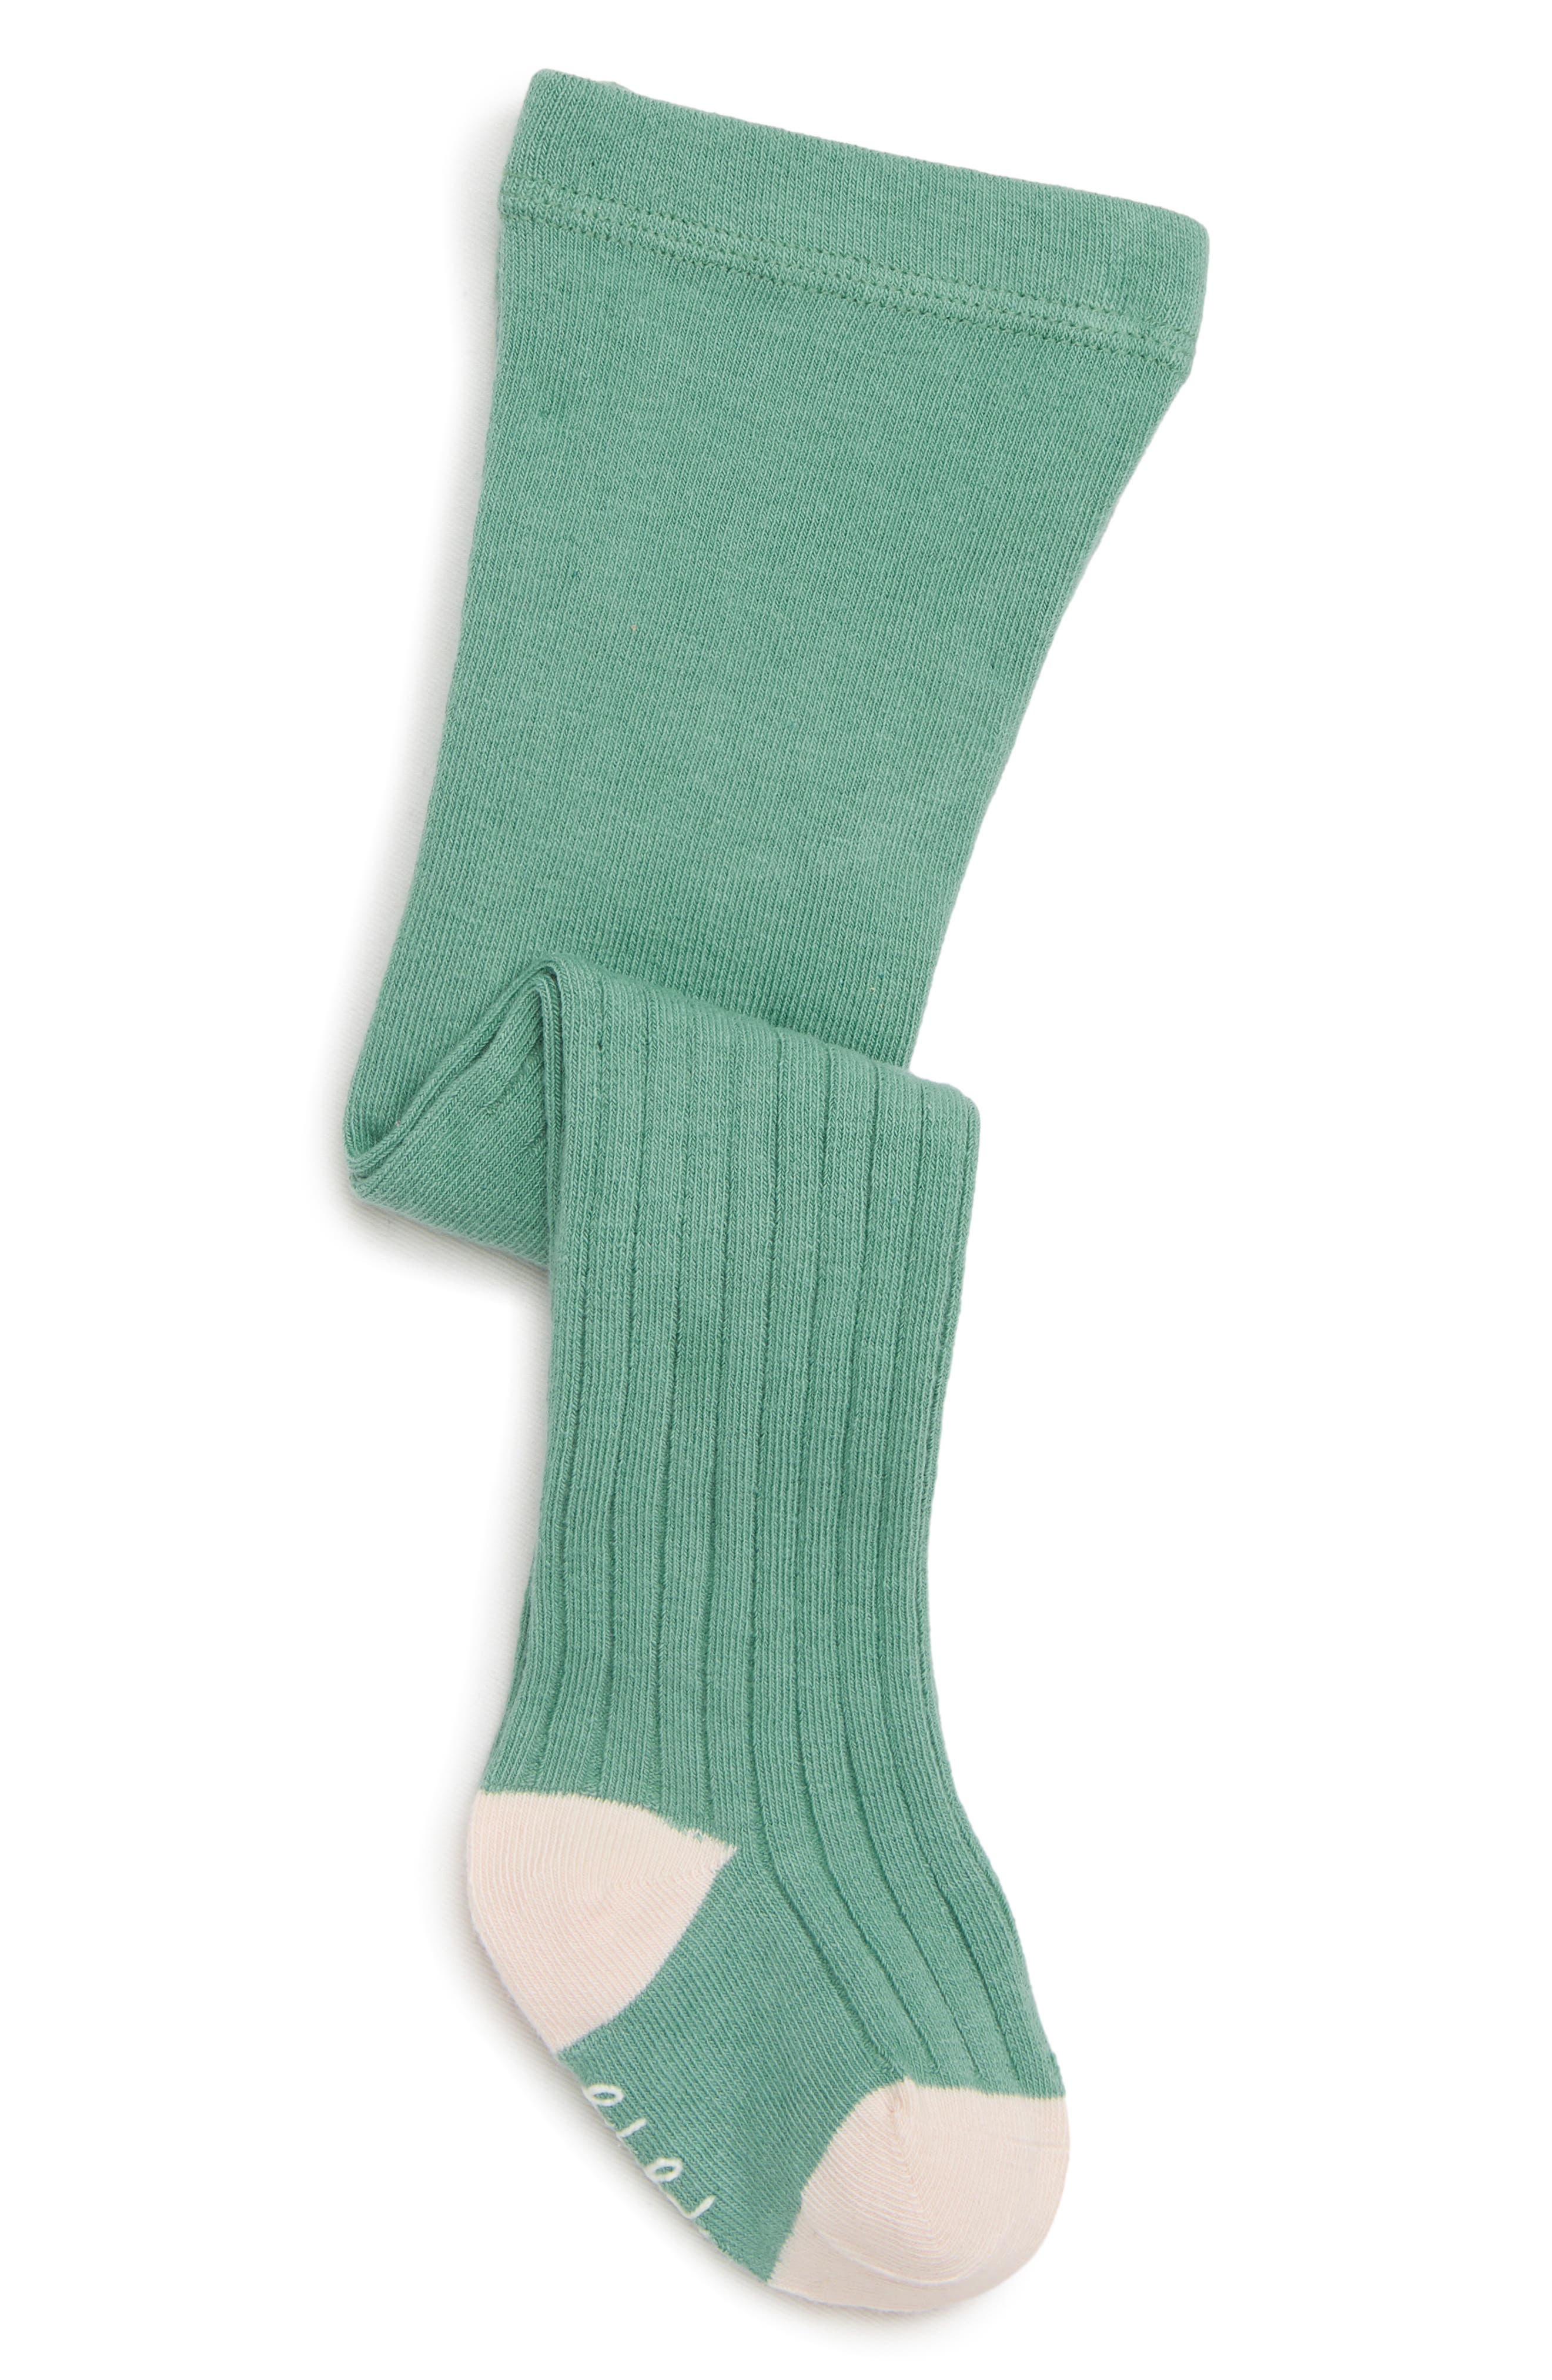 Rib Knit Tights,                             Main thumbnail 1, color,                             JADE GREEN